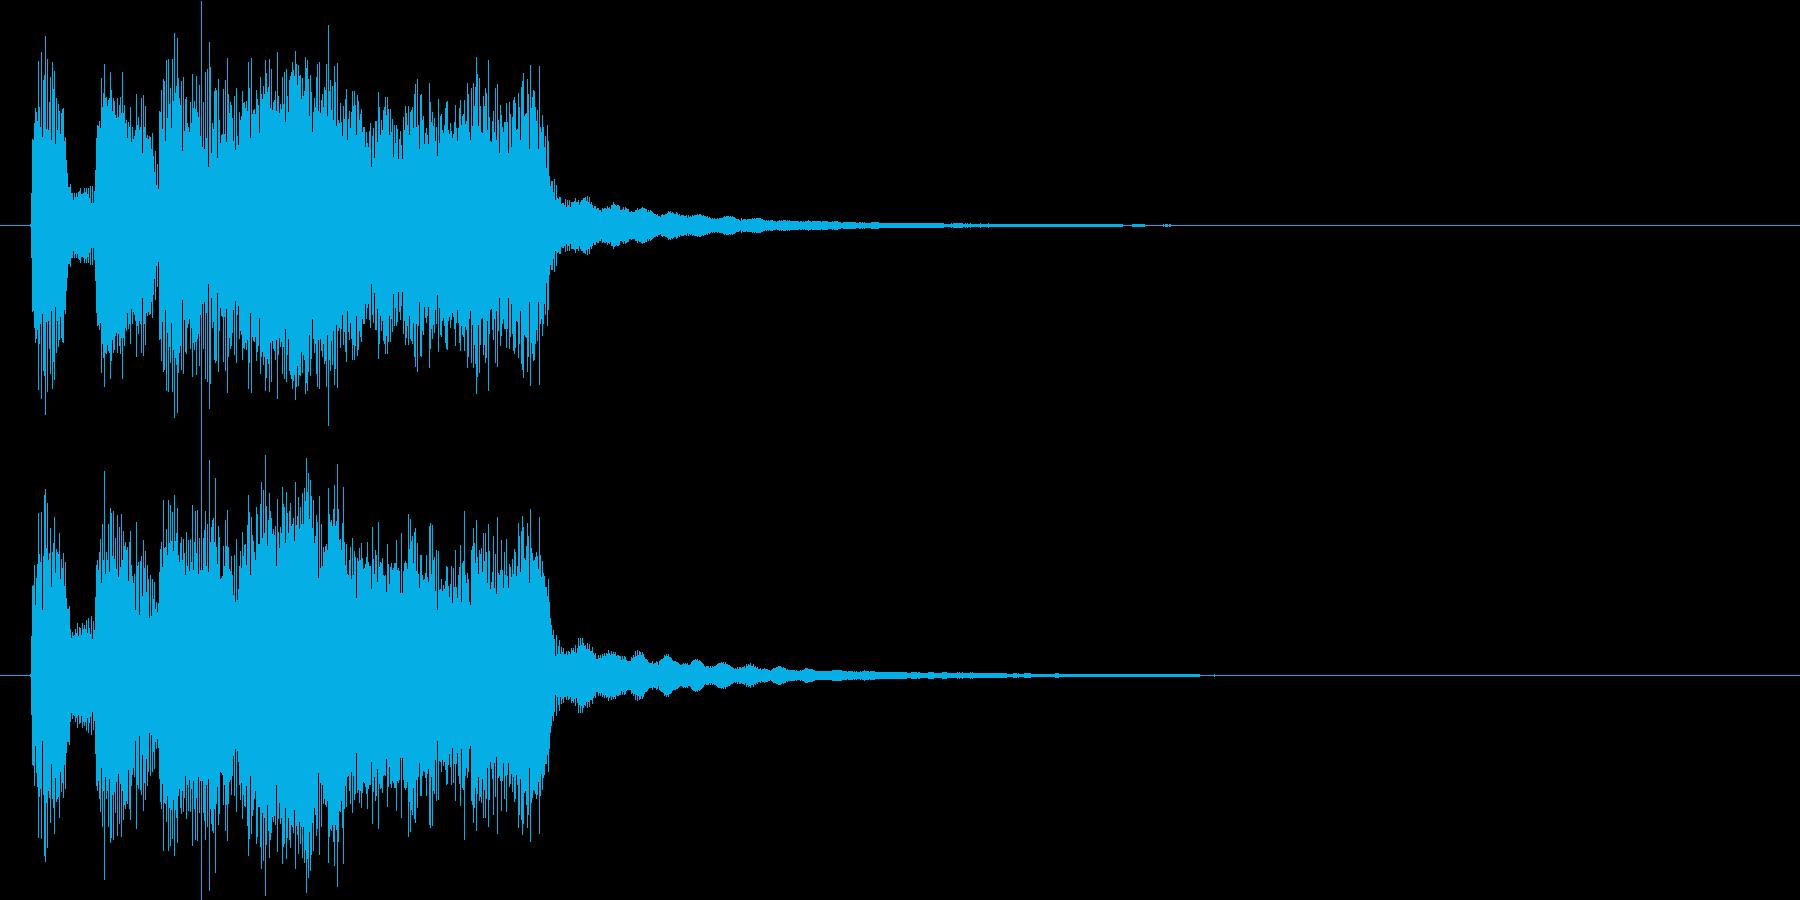 シンプルなファンファーレの再生済みの波形